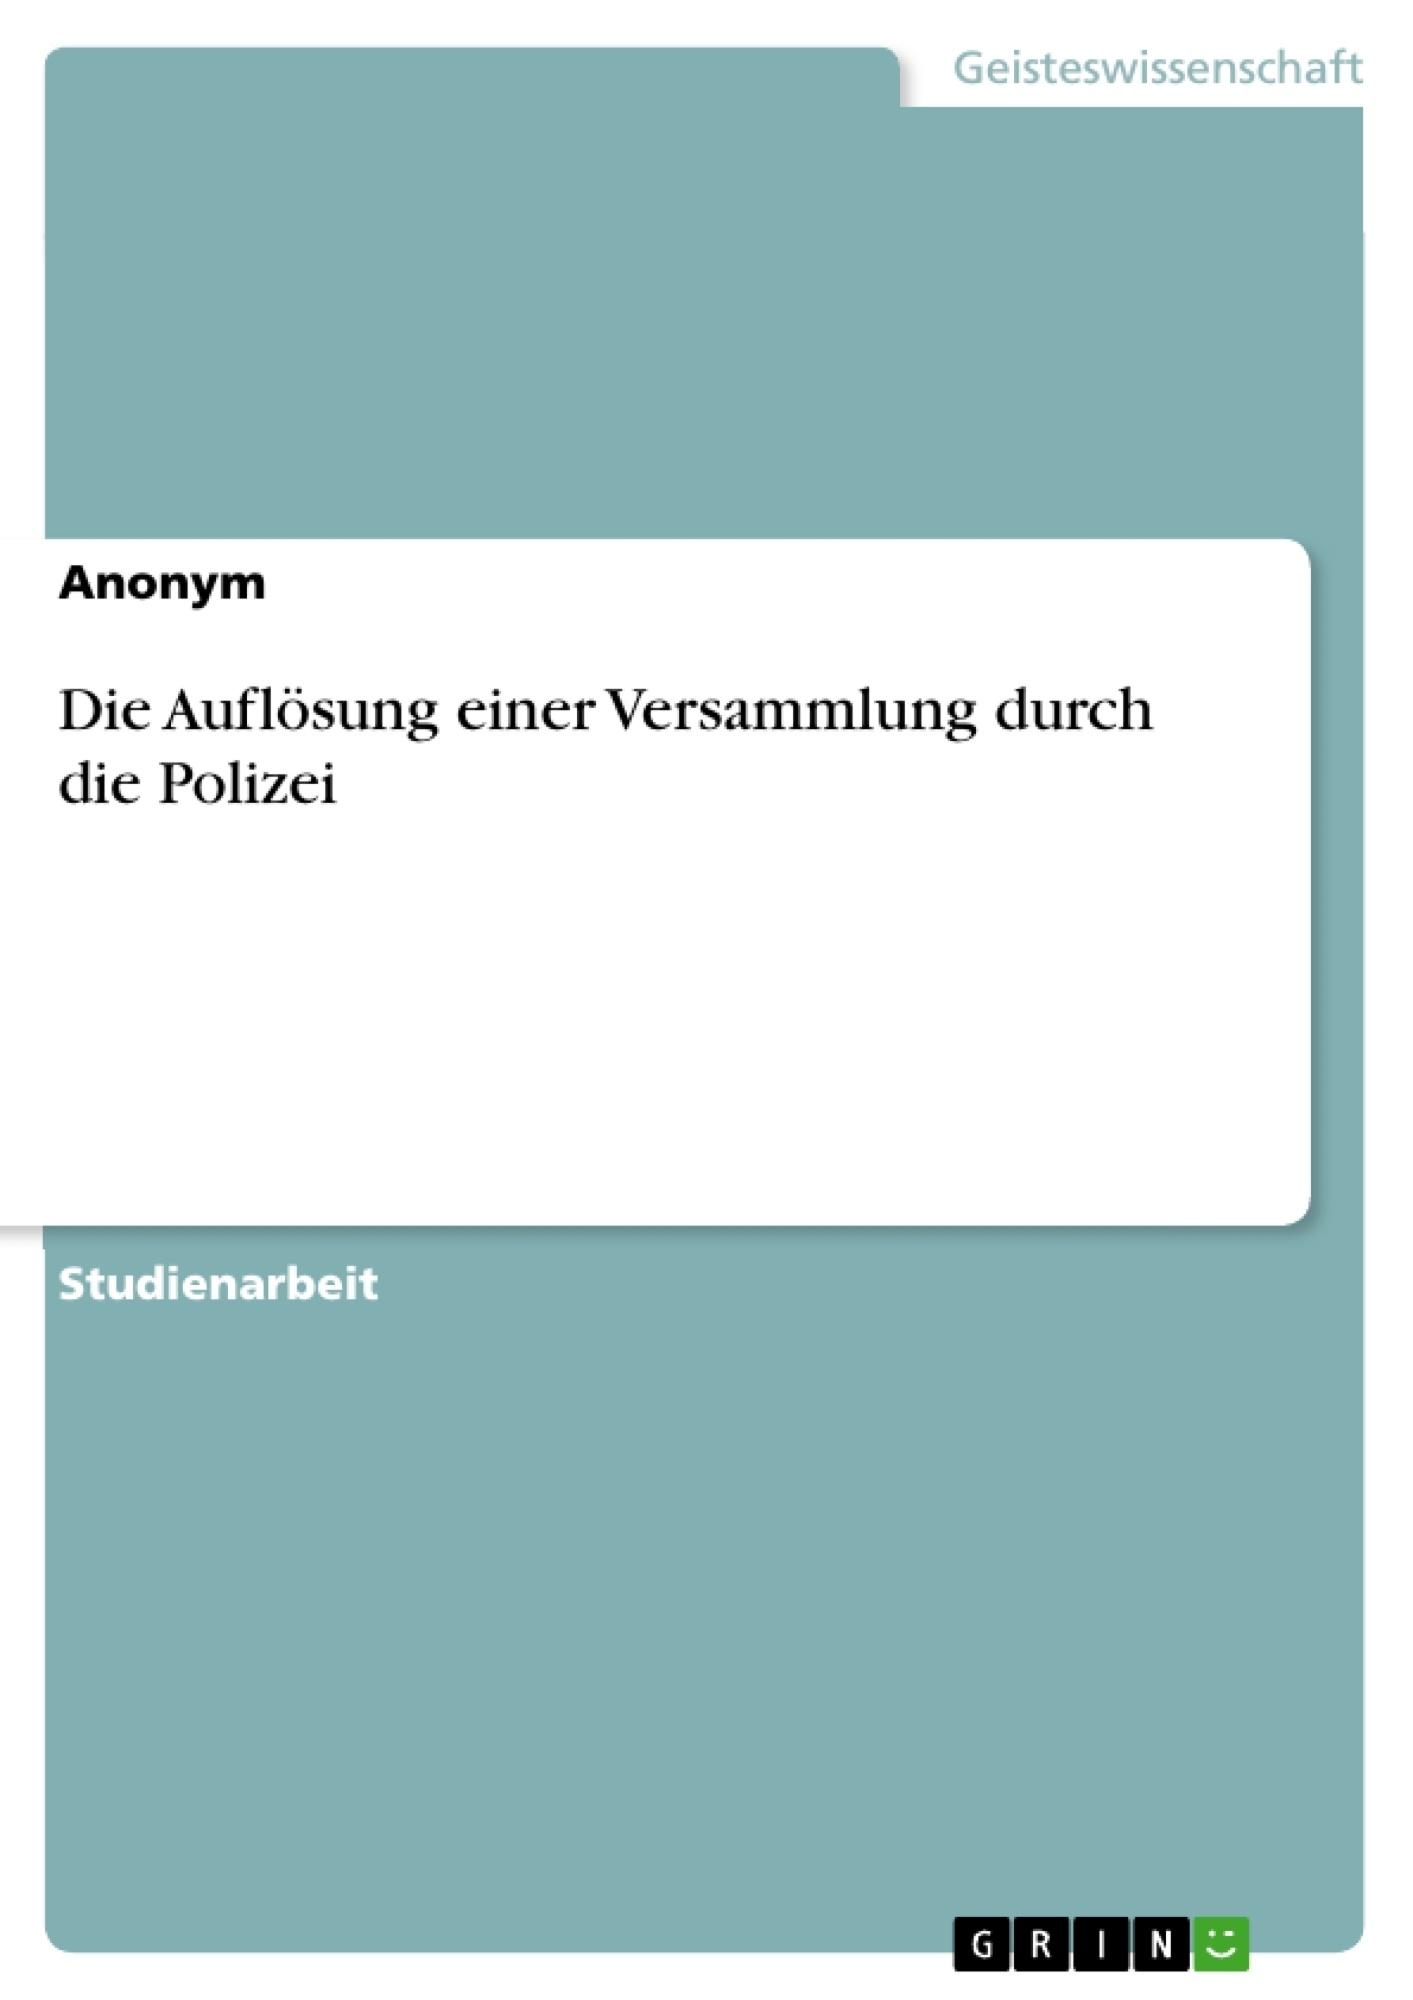 Titel: Die Auflösung einer Versammlung durch die Polizei